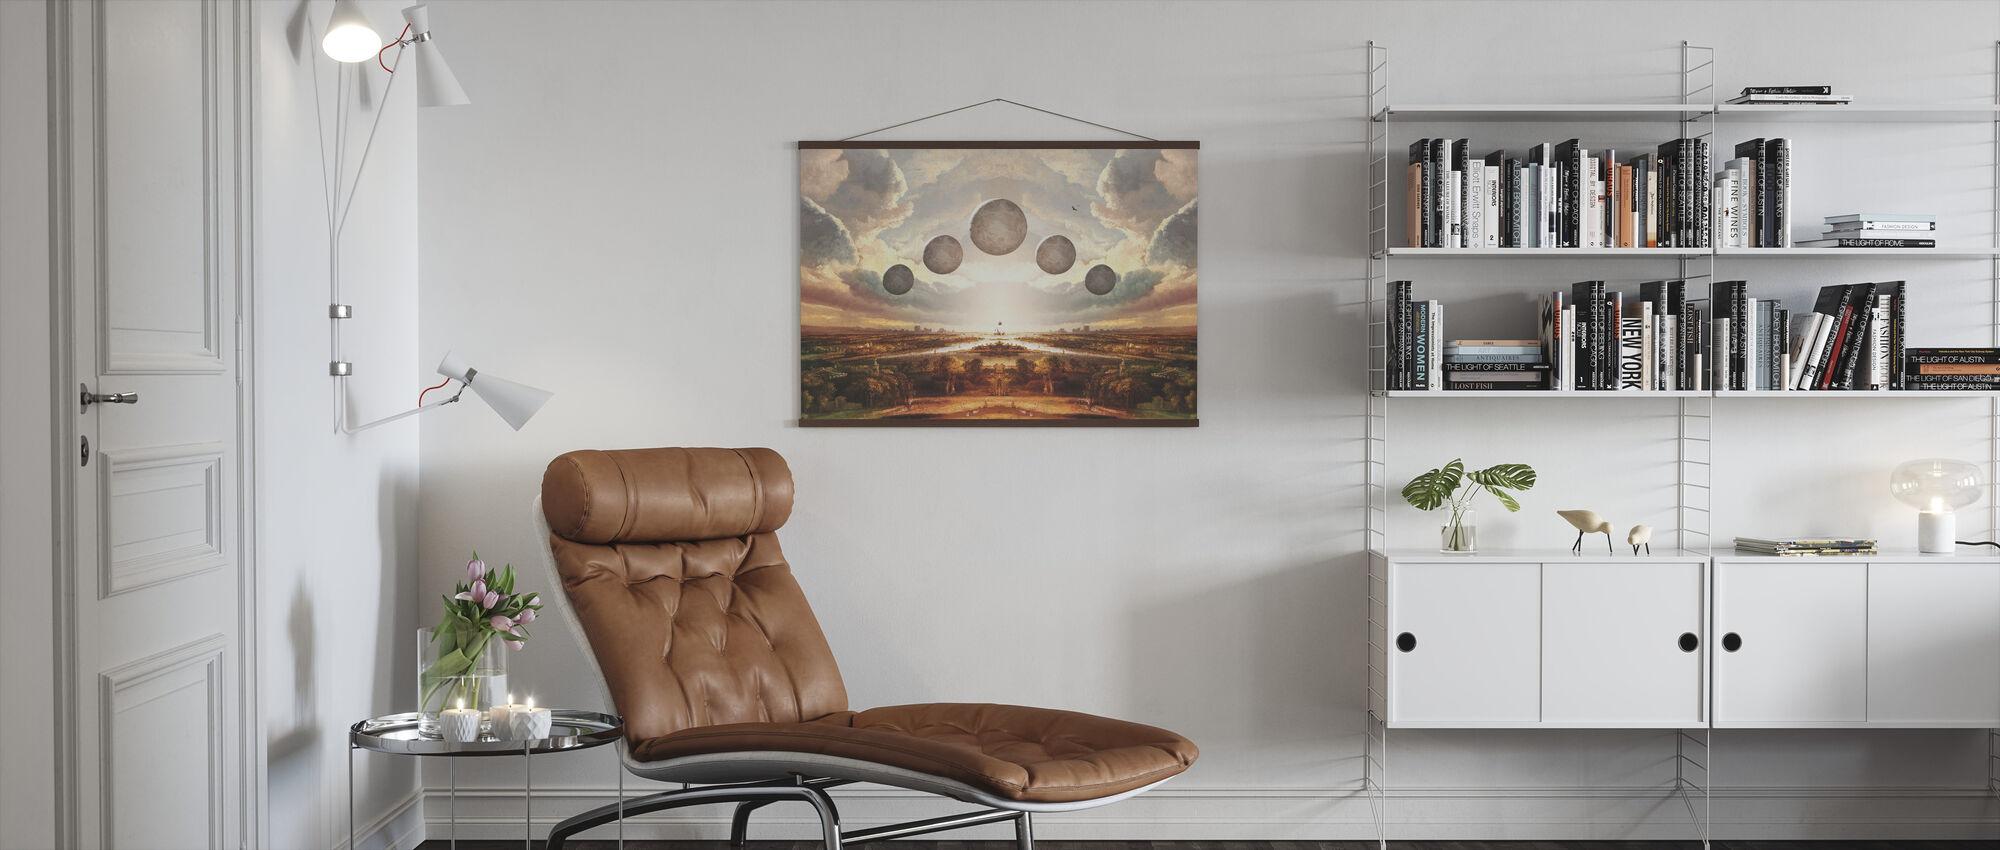 Vanishing Point - Poster - Living Room